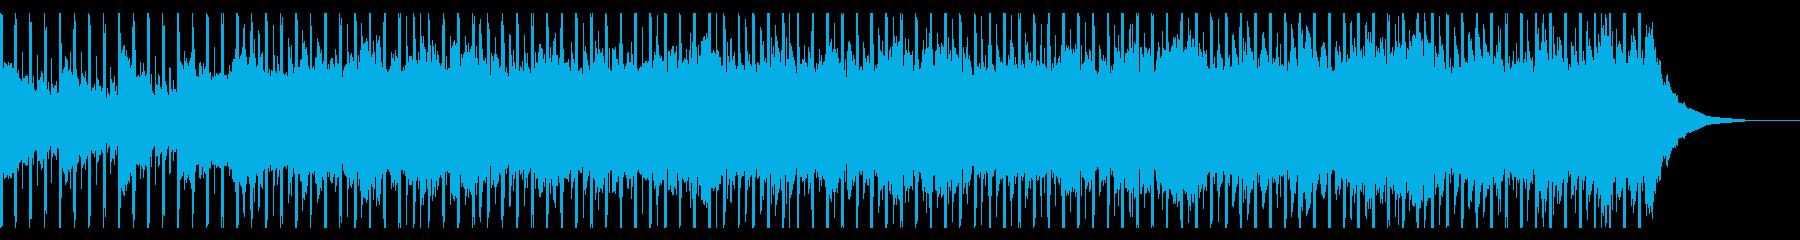 あなたの中のモチベーション(60秒)の再生済みの波形